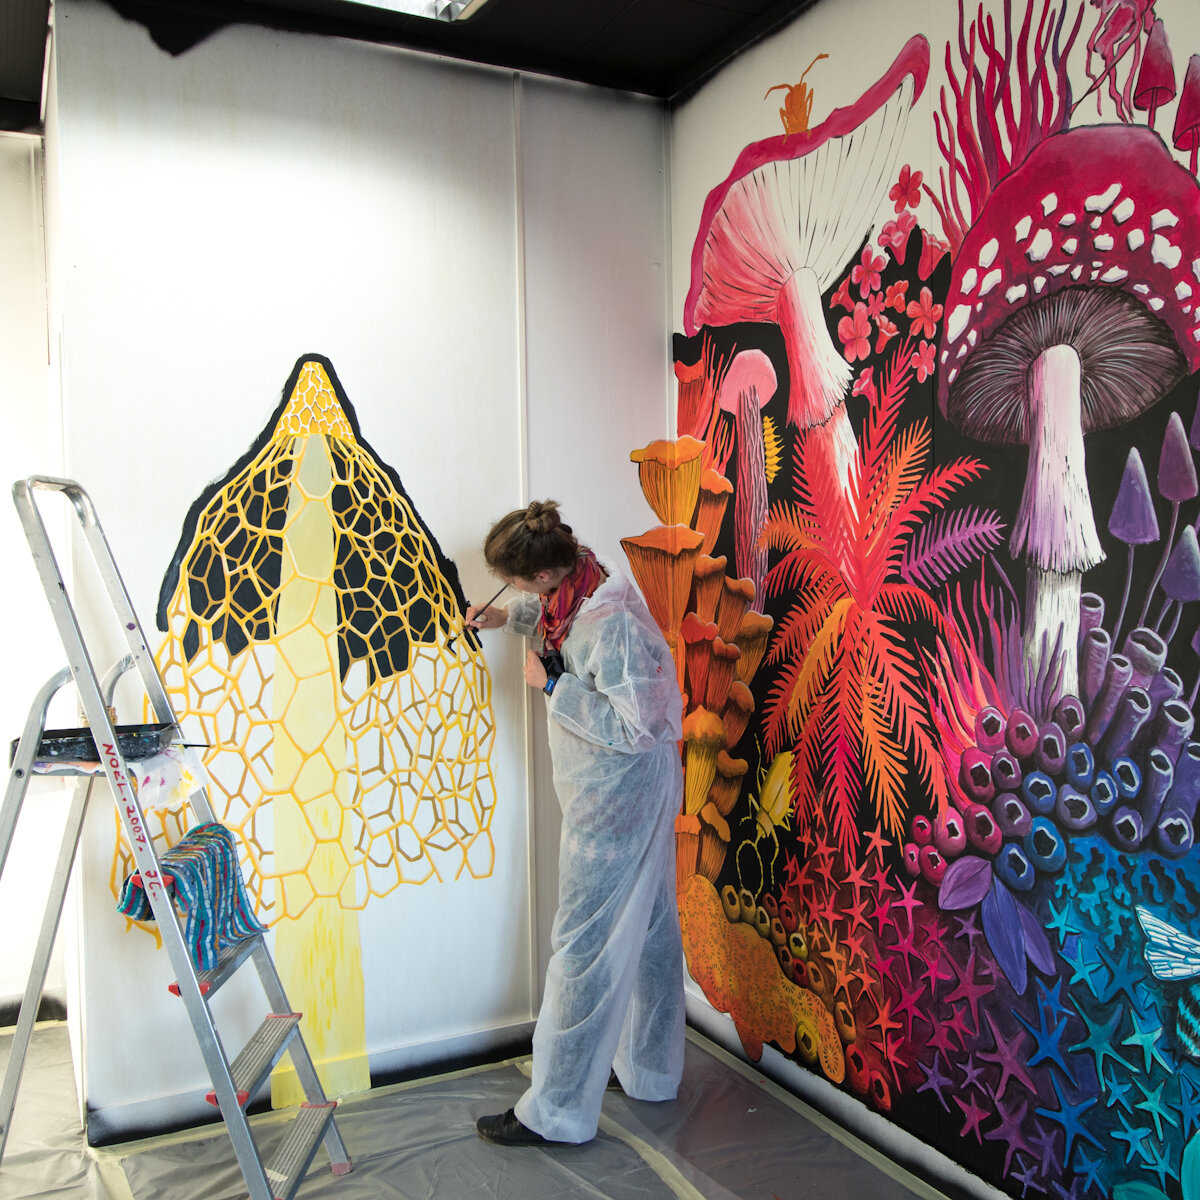 代代尔,壁画,斯蒂芬妮·基尔加斯特,2019年